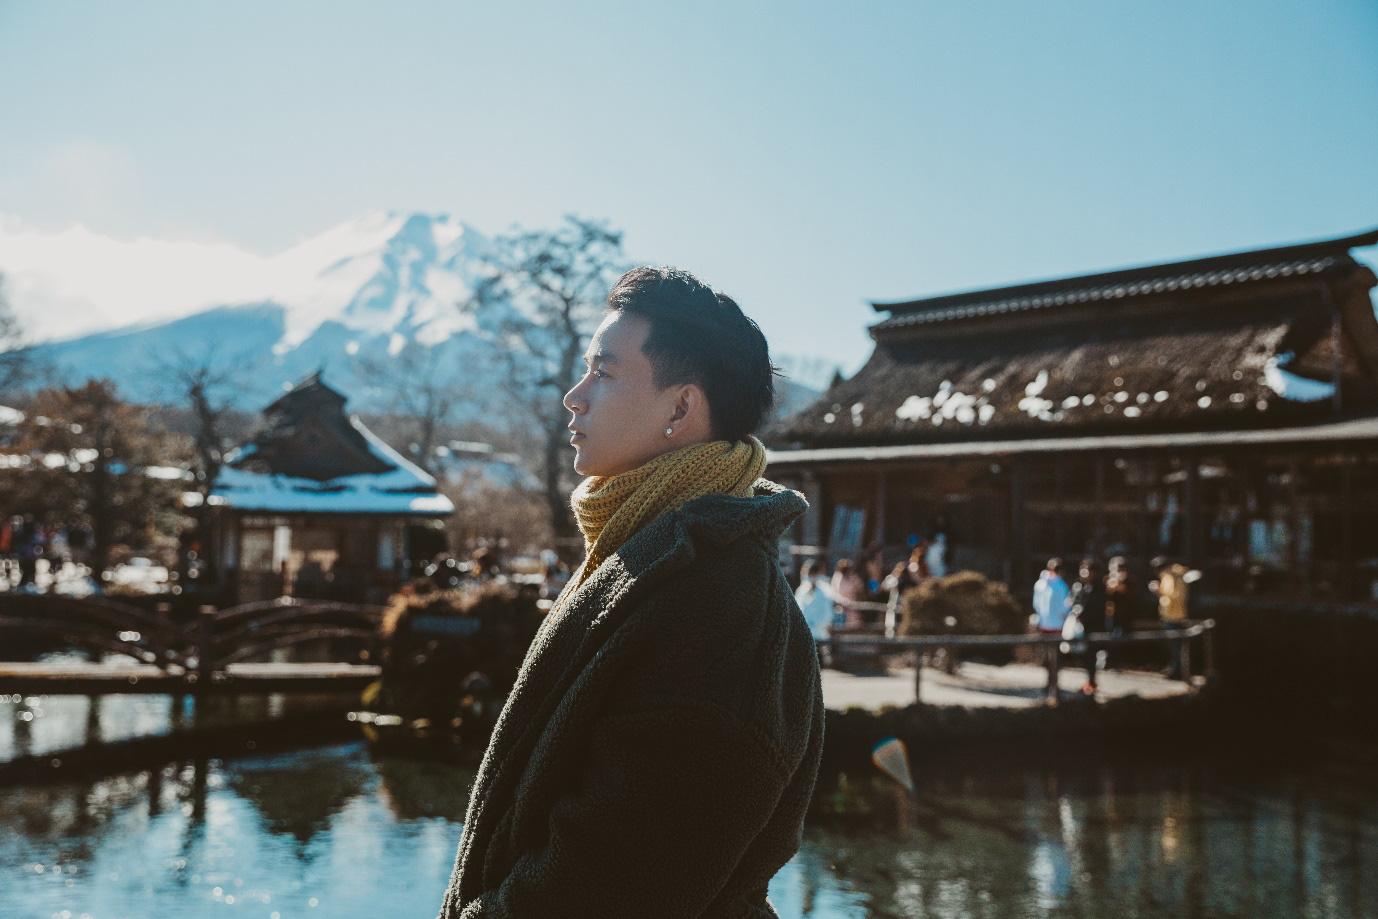 Khám phá những địa danh không thể bỏ qua trong chuyến đi Nhật Bản dành cho những tín đồ mê xê dịch - Ảnh 9.